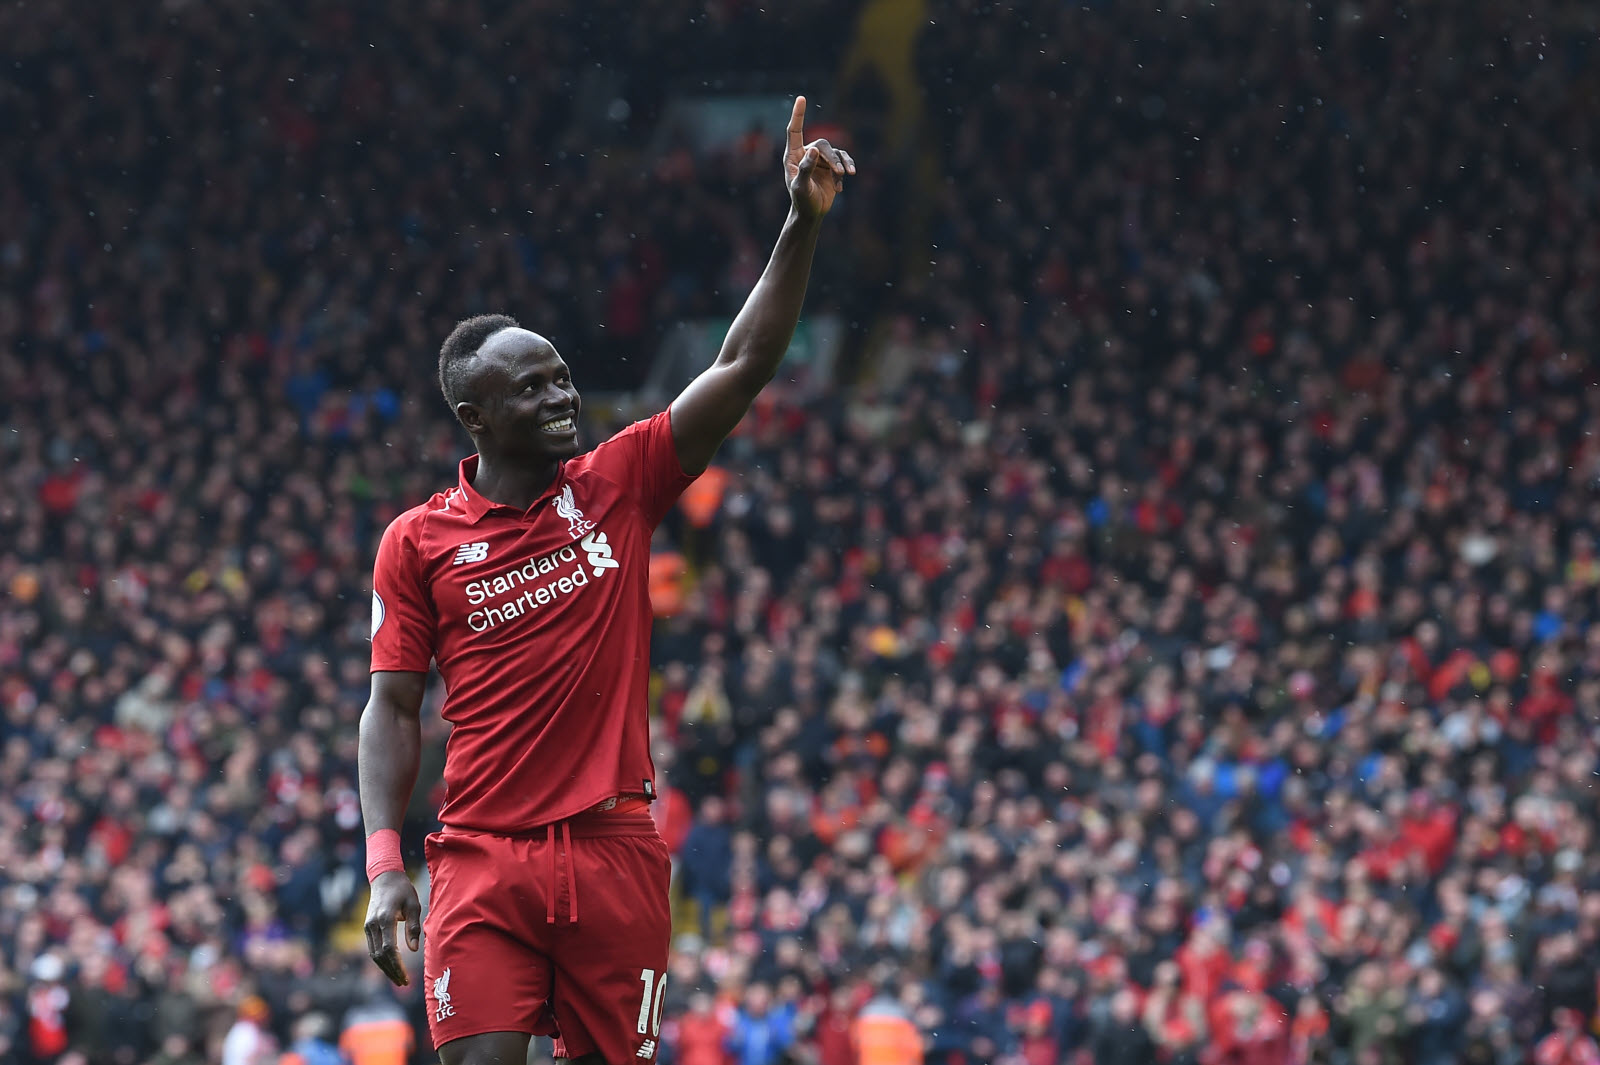 (France Sacré joueur africain 2019)  Rien n'a résisté à Sadio Mané, élu joueur africain de l'année